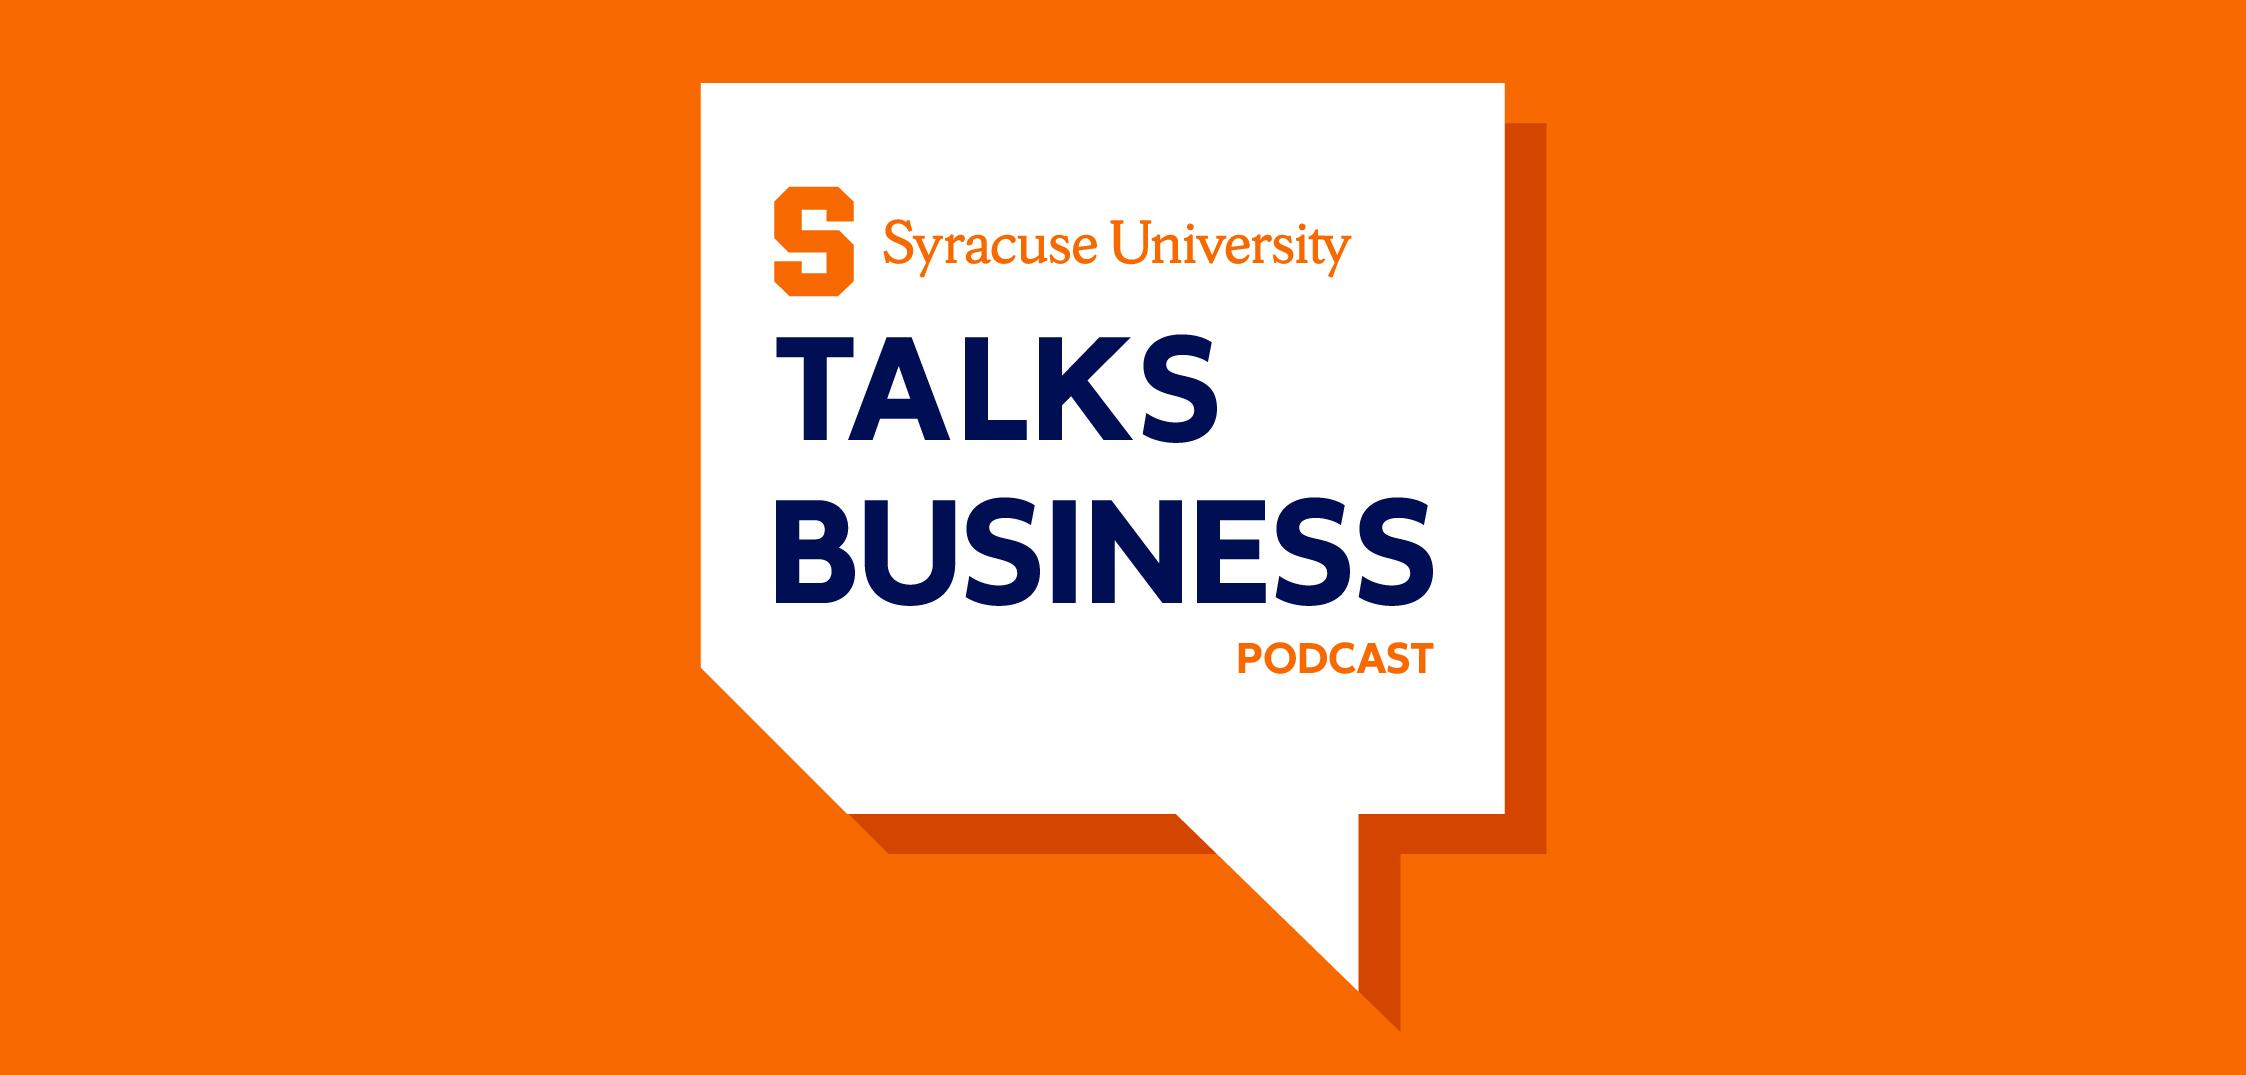 Syracuse University Talks Business